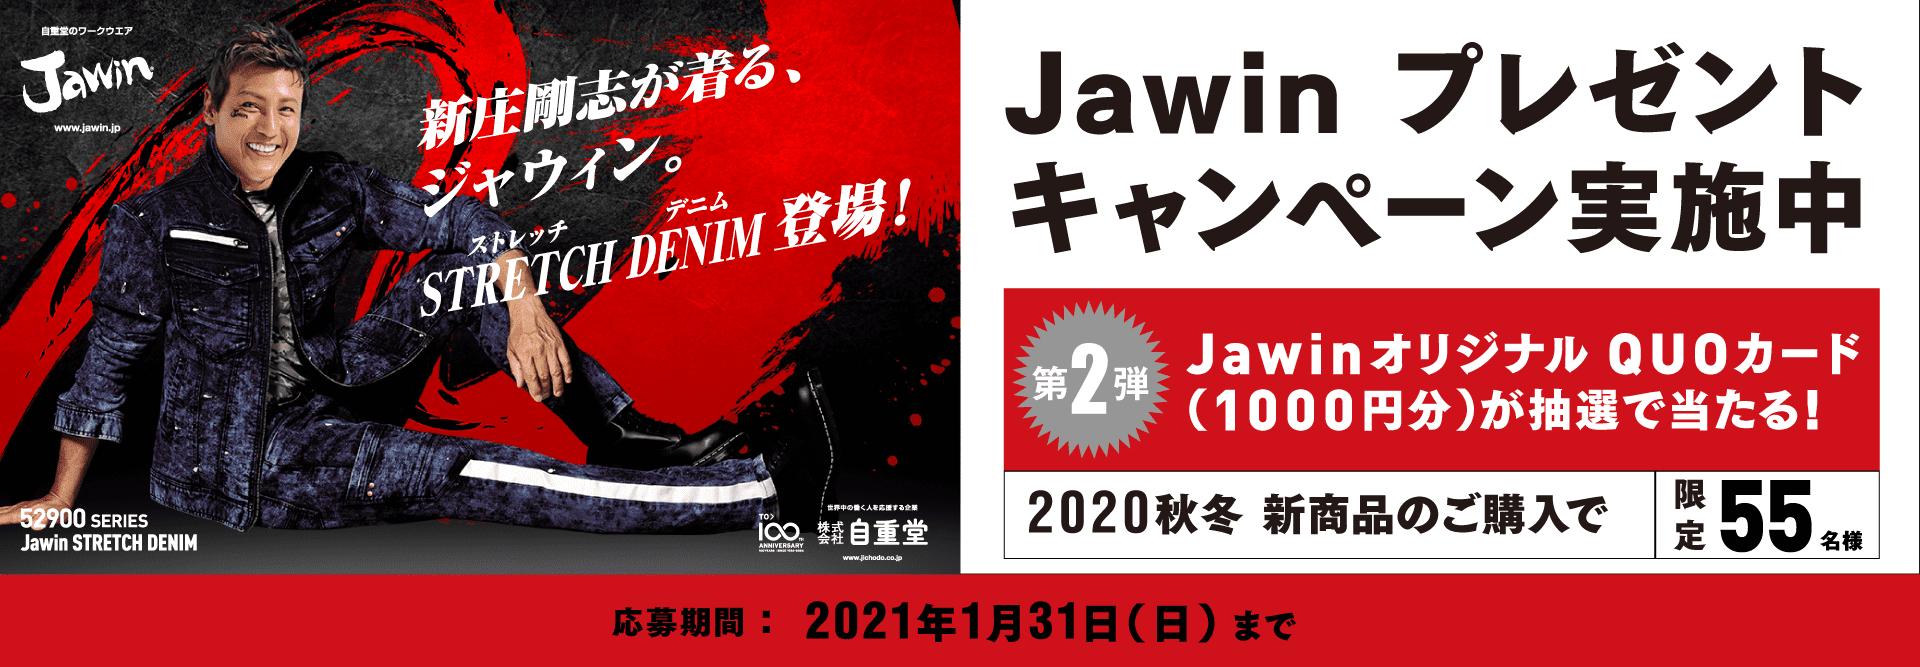 新庄剛志が着る、ジャウィン。新商品の購入限定、オリジナルQUOカードが抽選55名様に当たるキャンペーン!